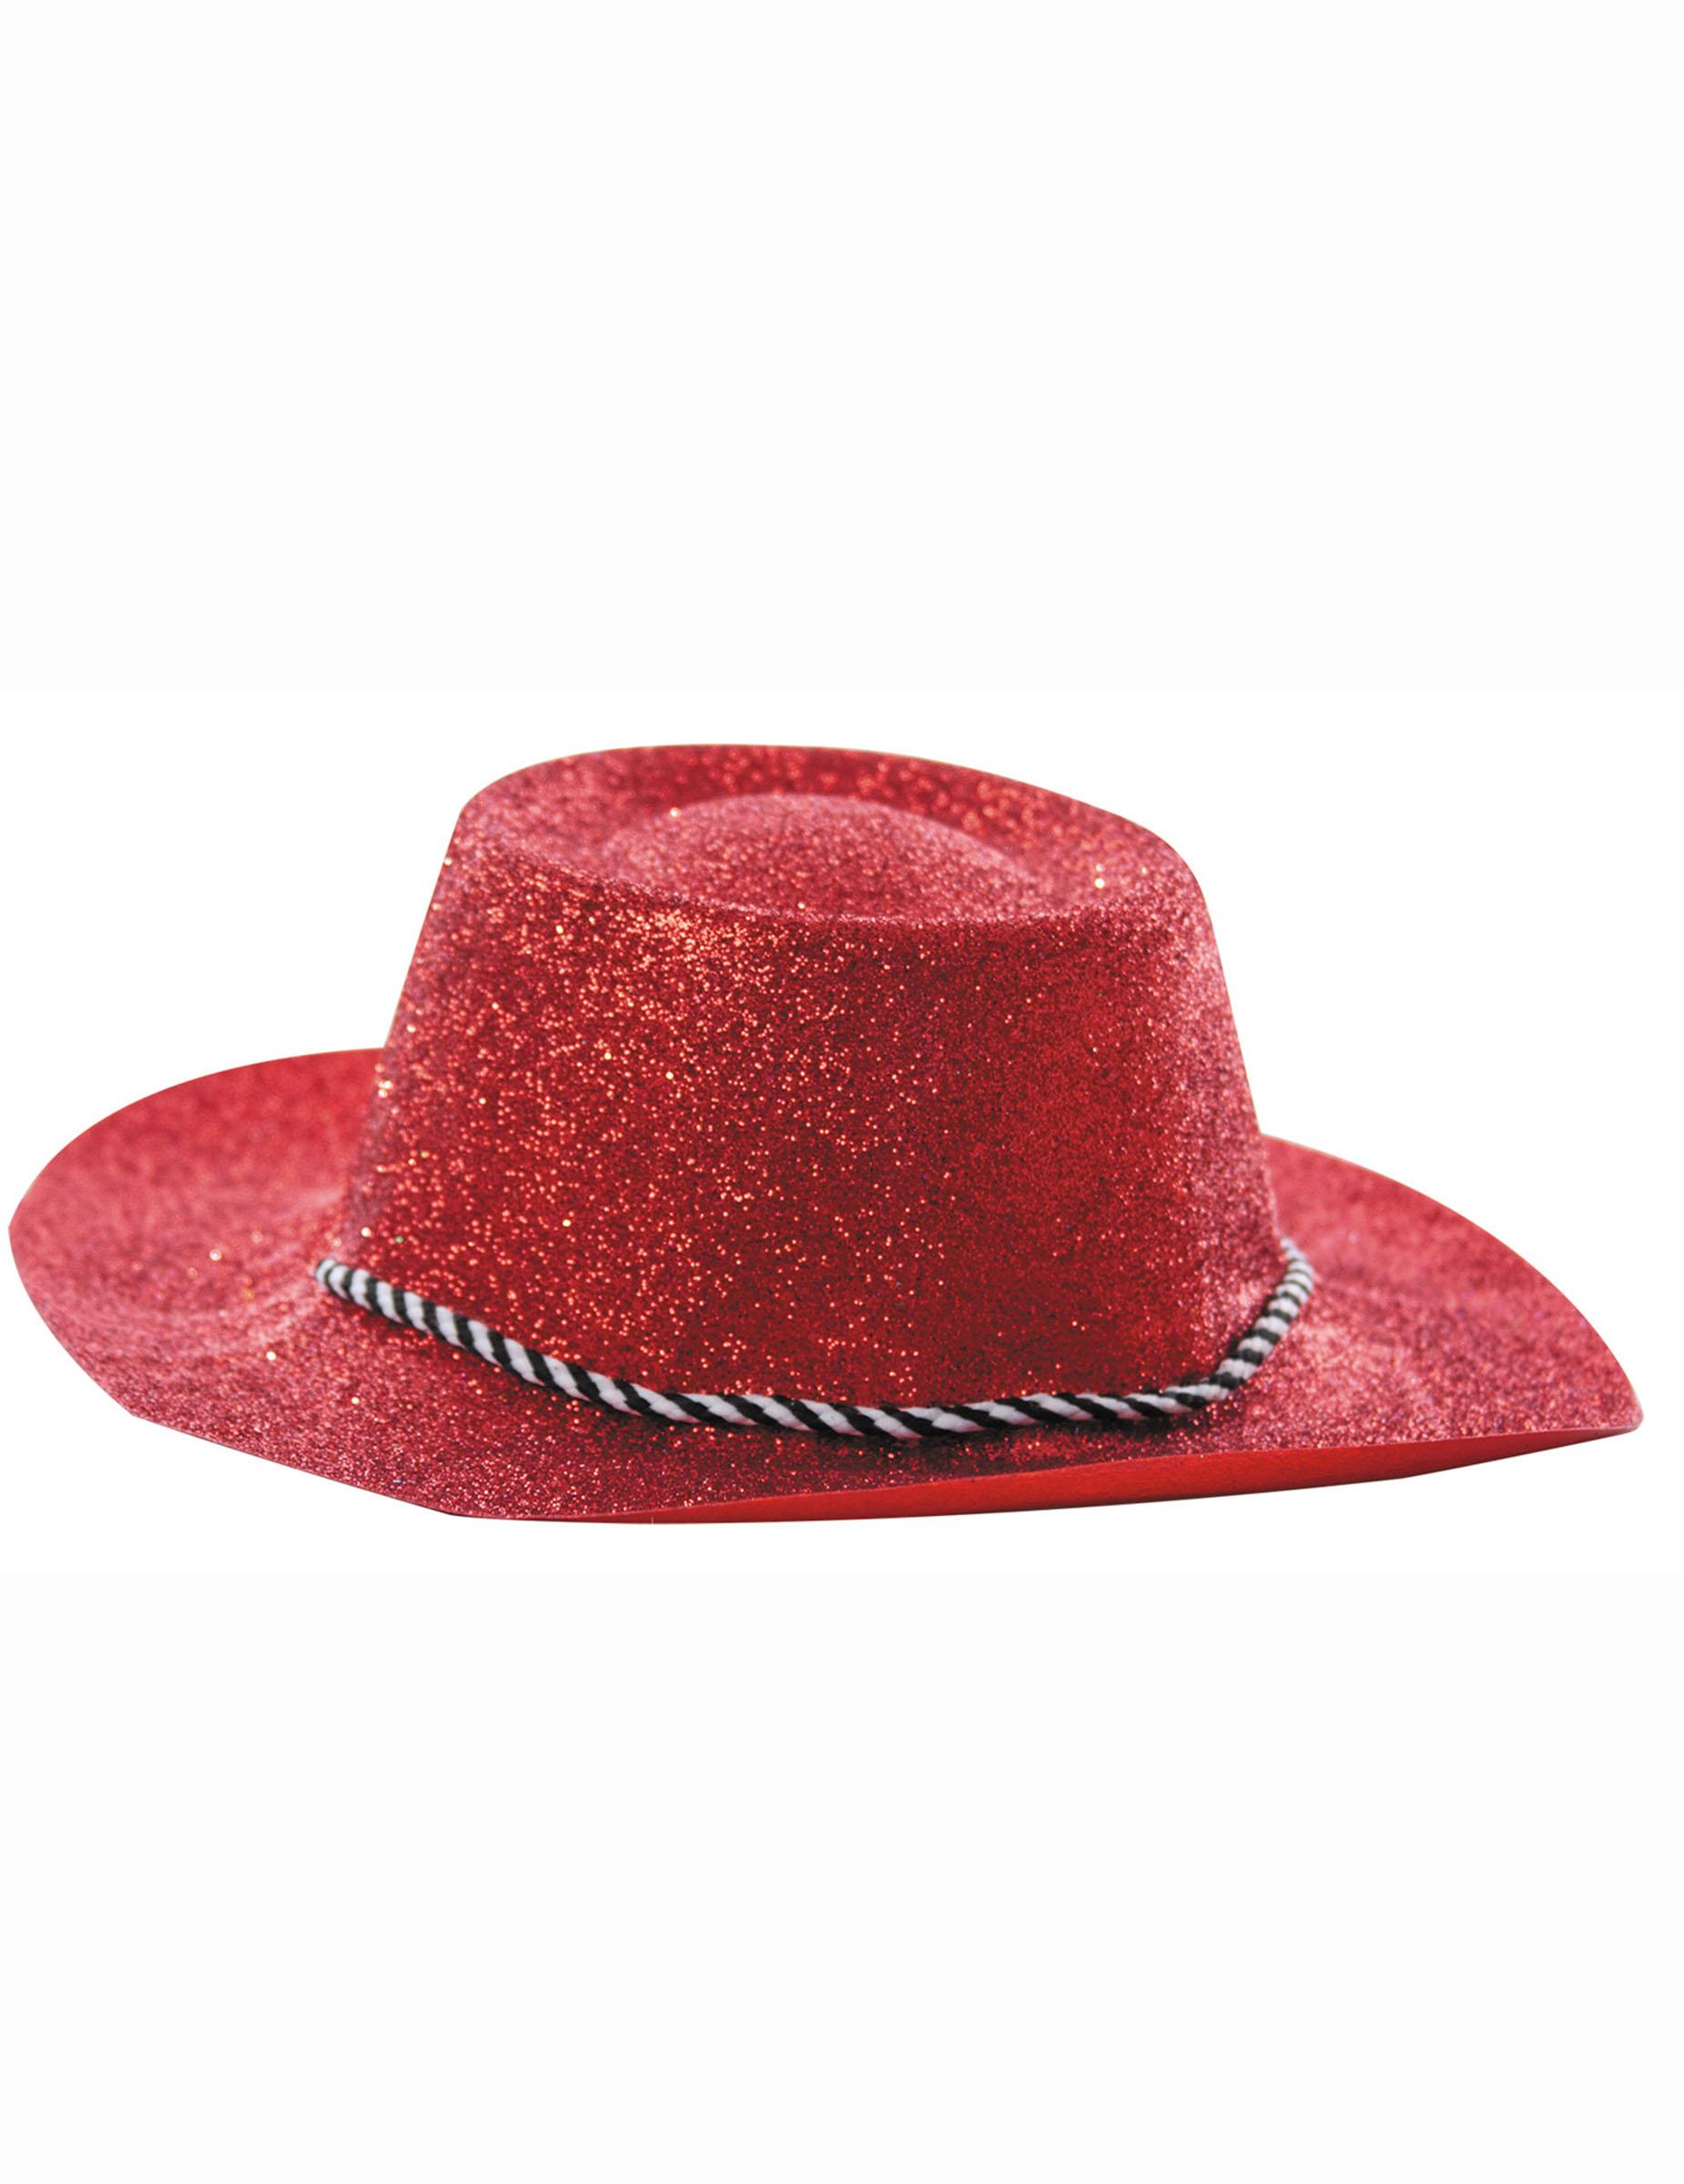 72ca2e804ba0d Sombrero rojo de vaquera con lentejuelas  Sombreros